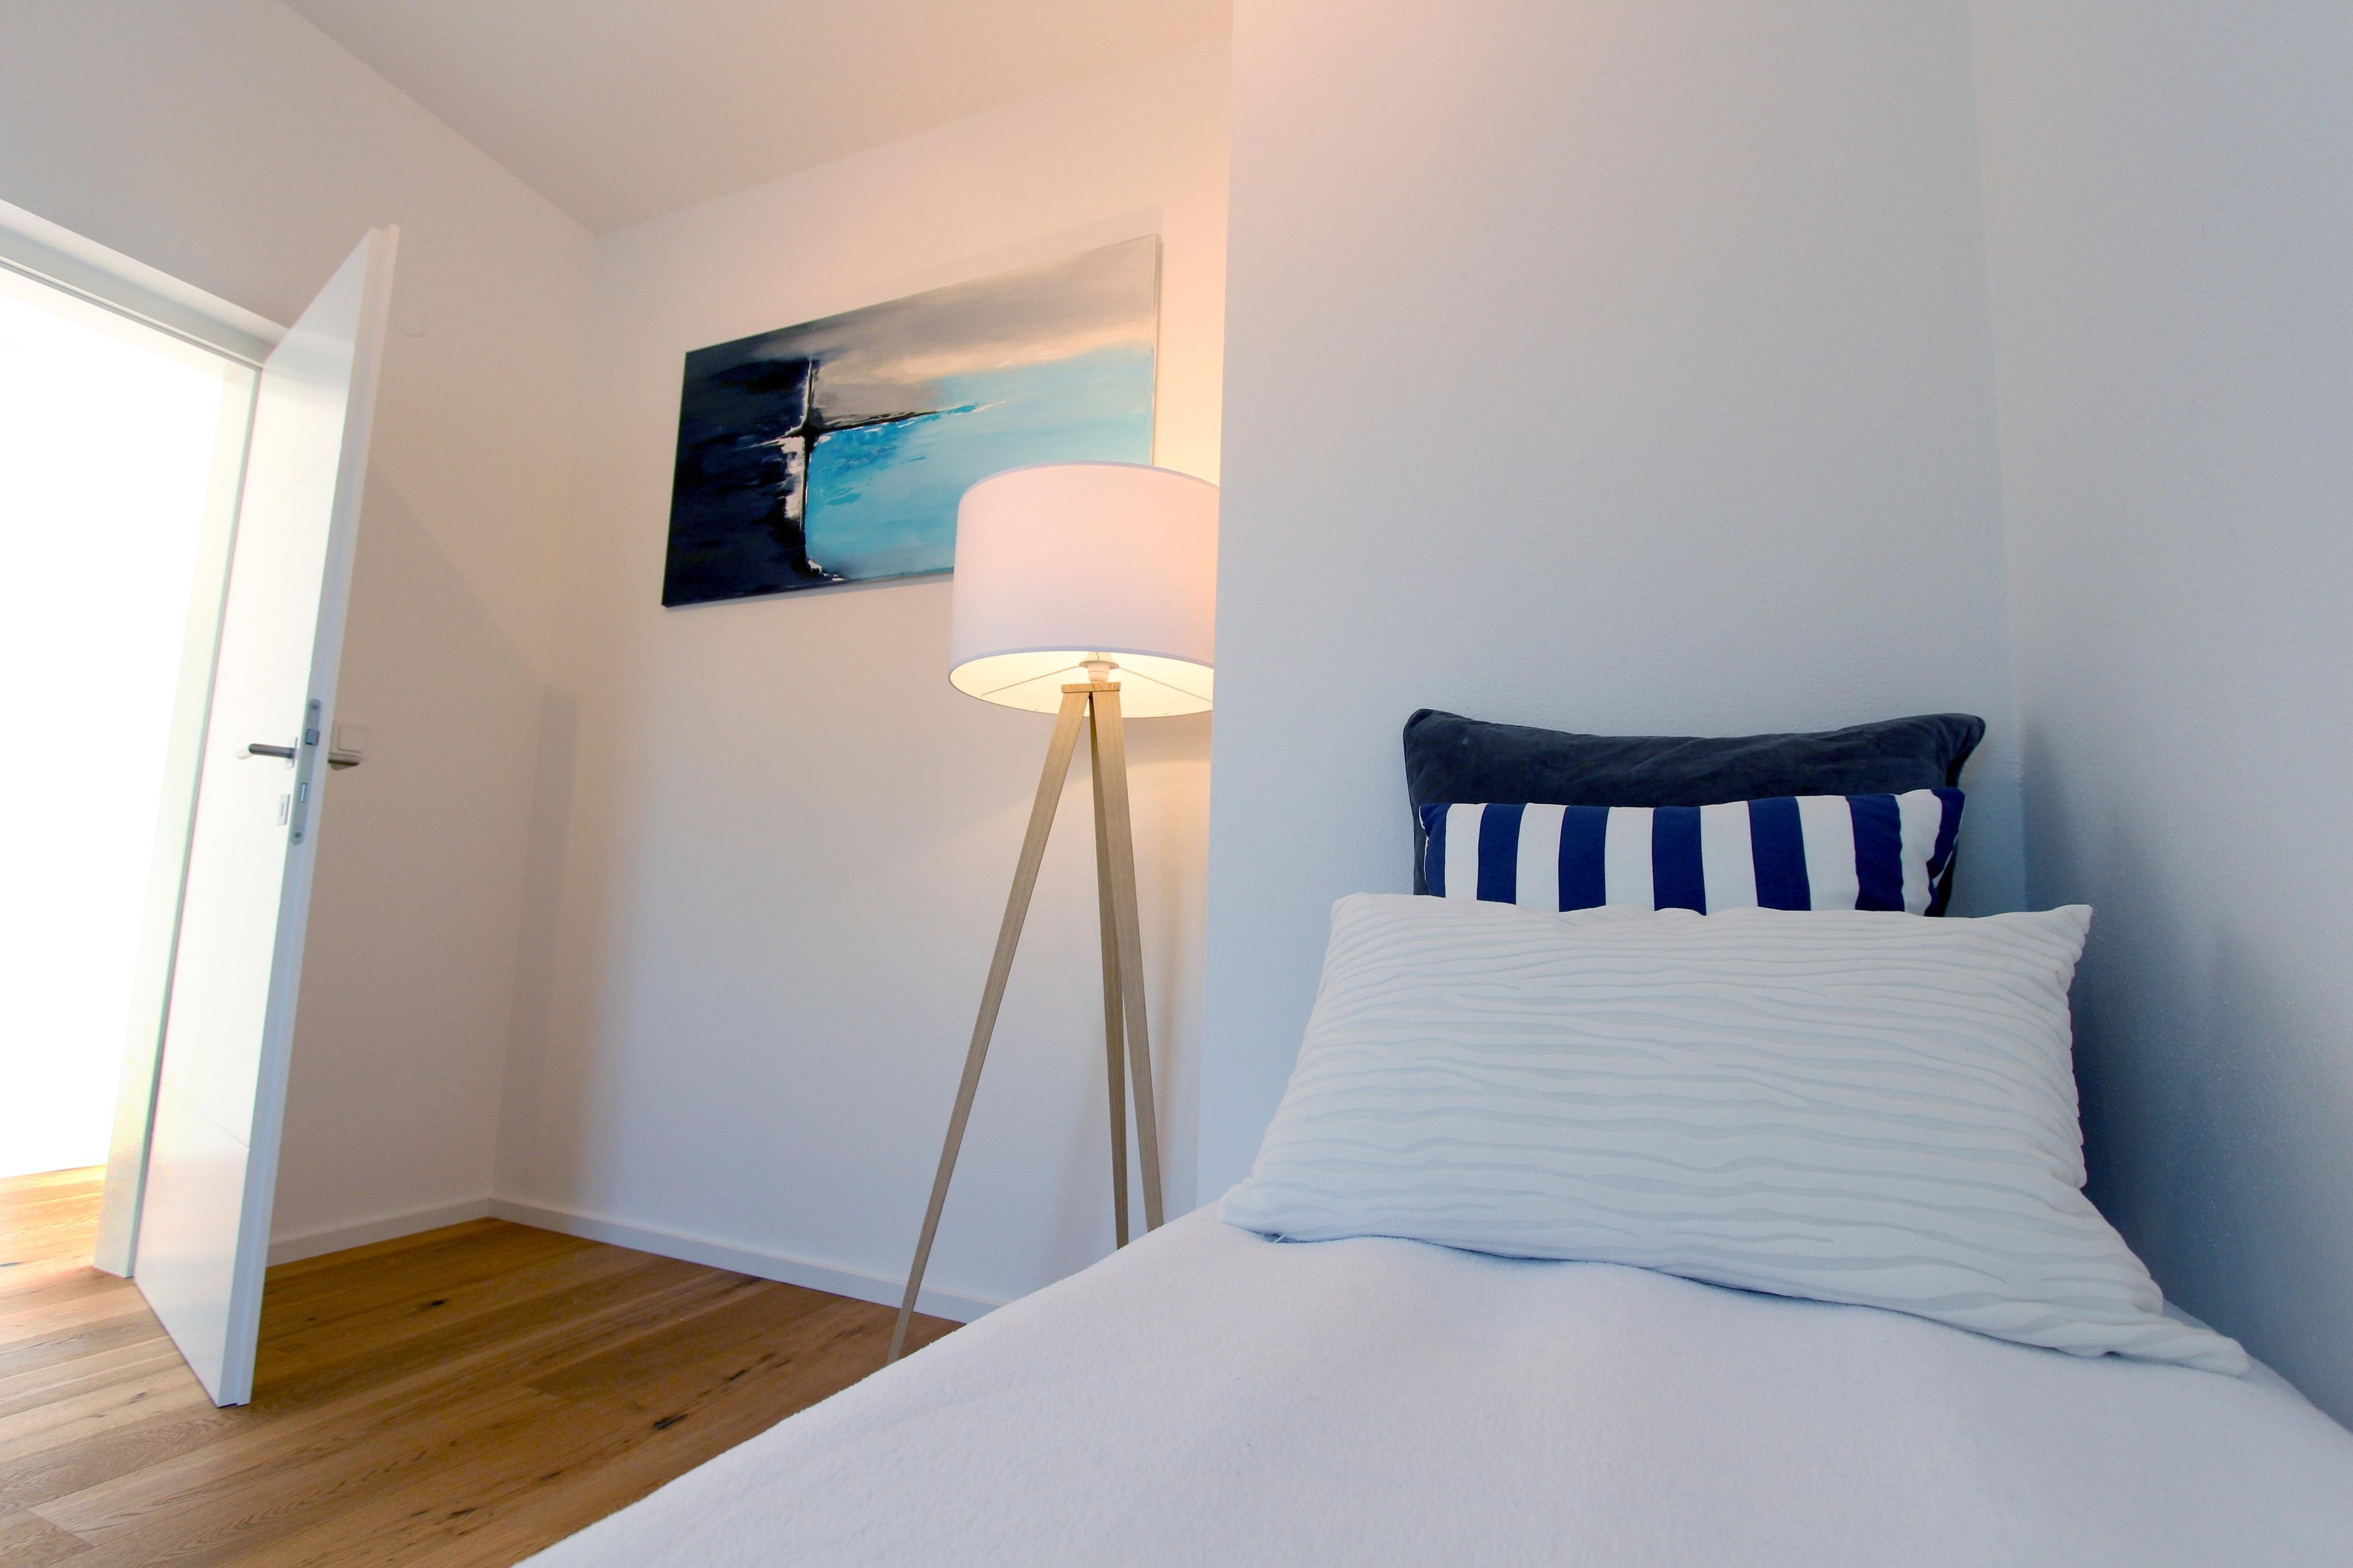 Hamptons Light #büro #gästezimmer #maisonette #landhausstil ©Hemmer Isabella